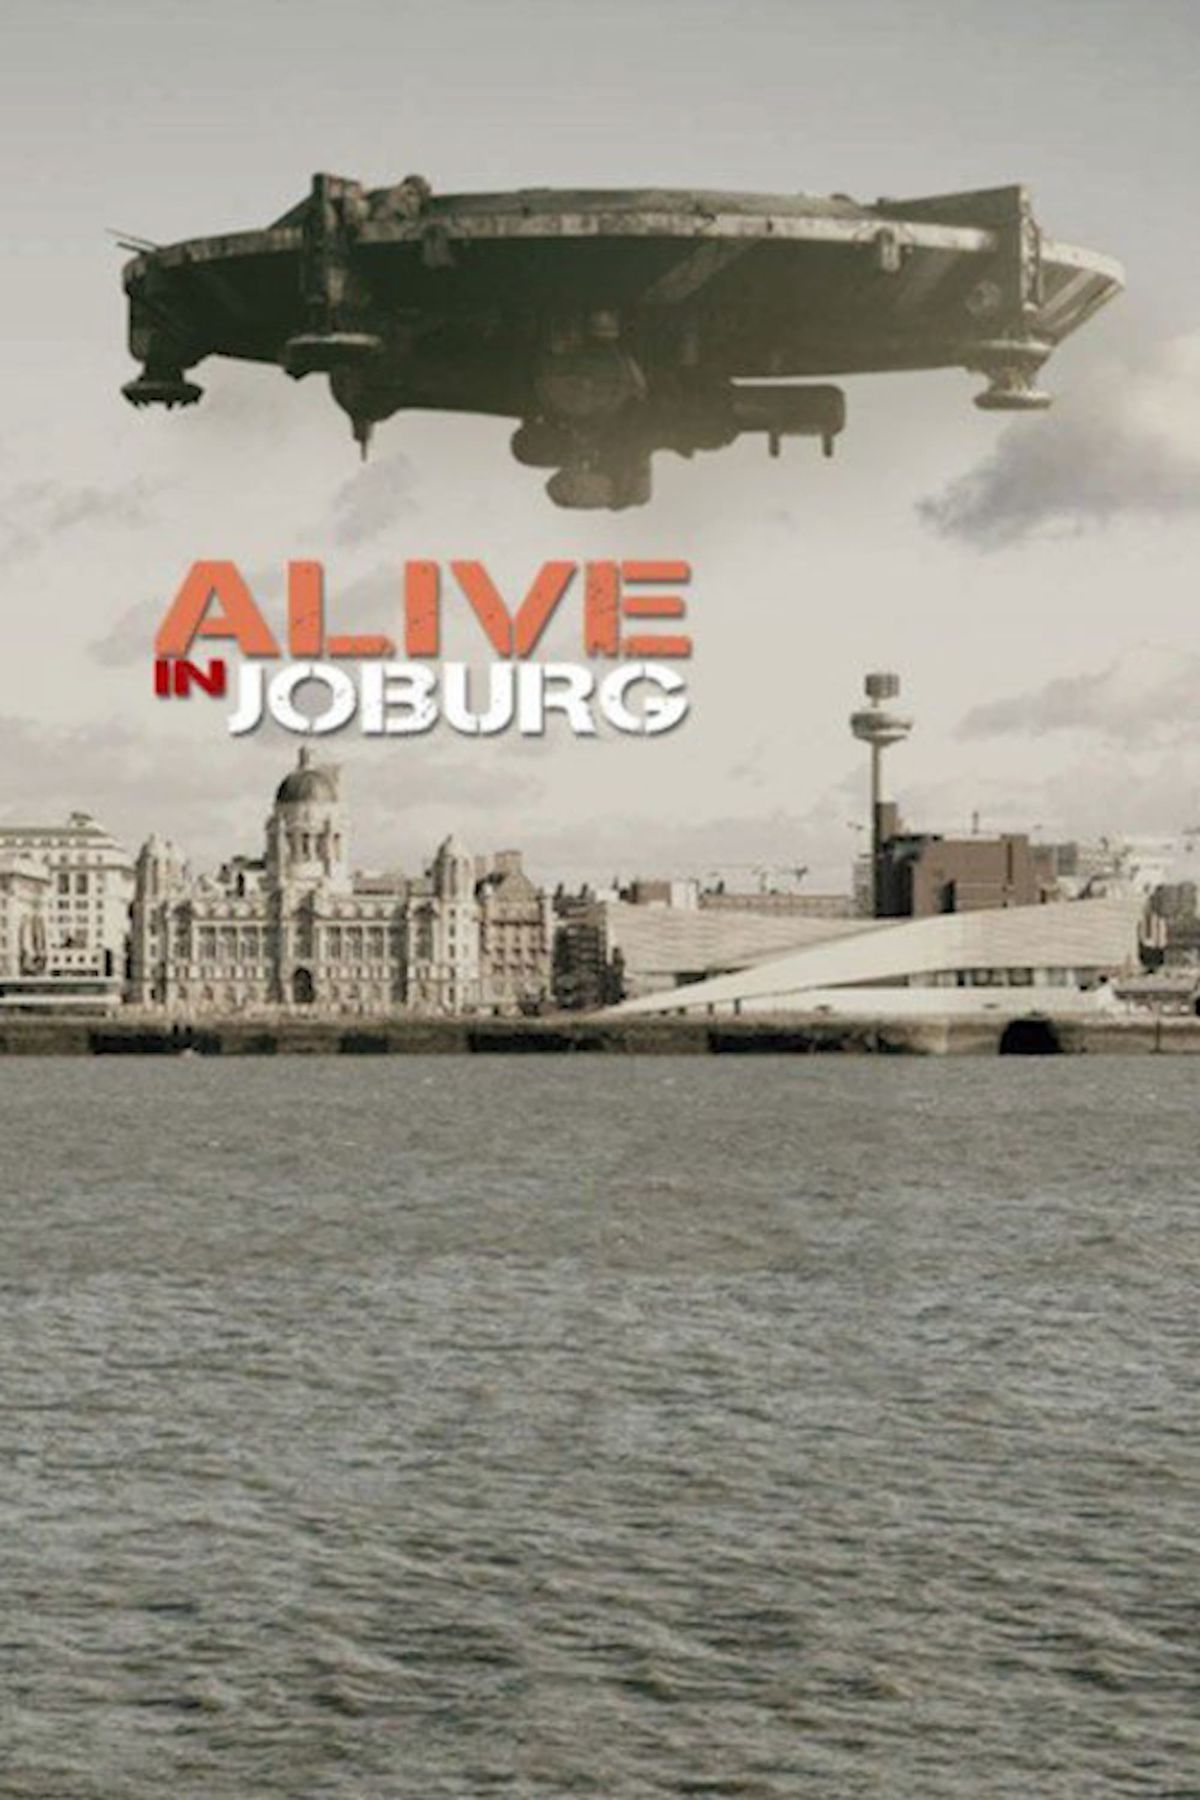 Alive in Joburg